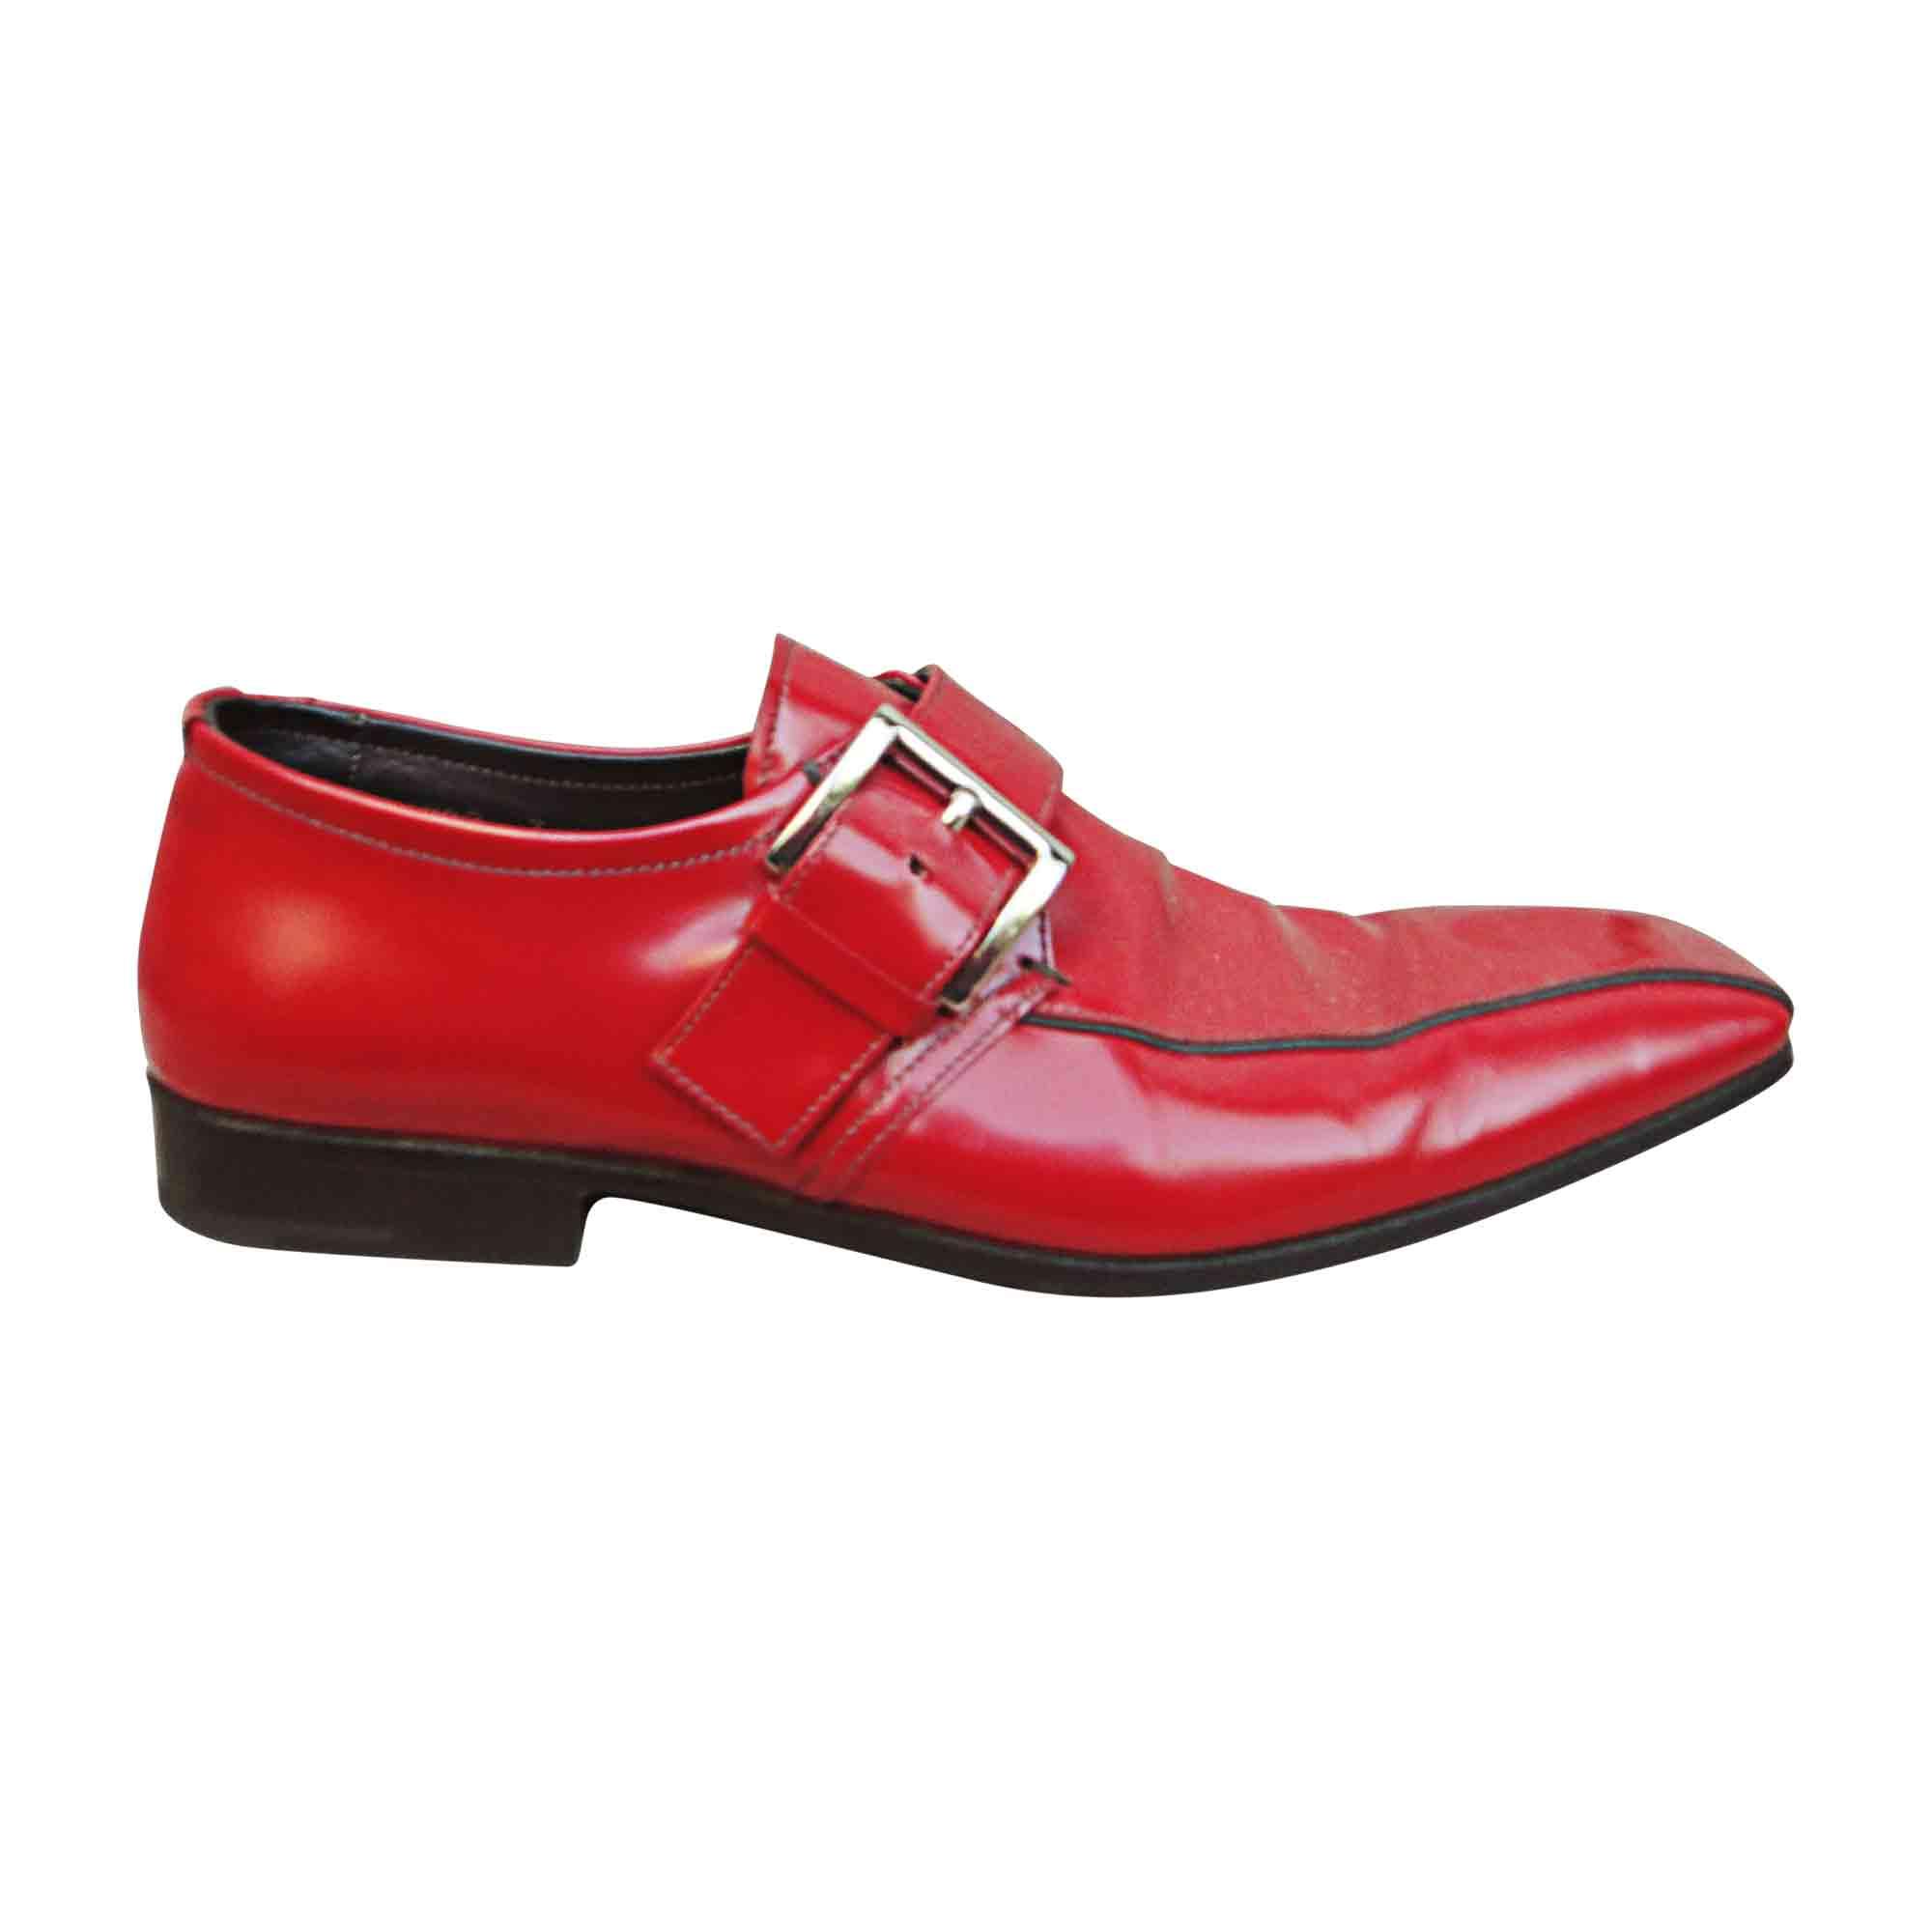 Par Chaussures À Boucles Sacha Vendu 41 De Grenier Rouge Prada Le frYgOqwr